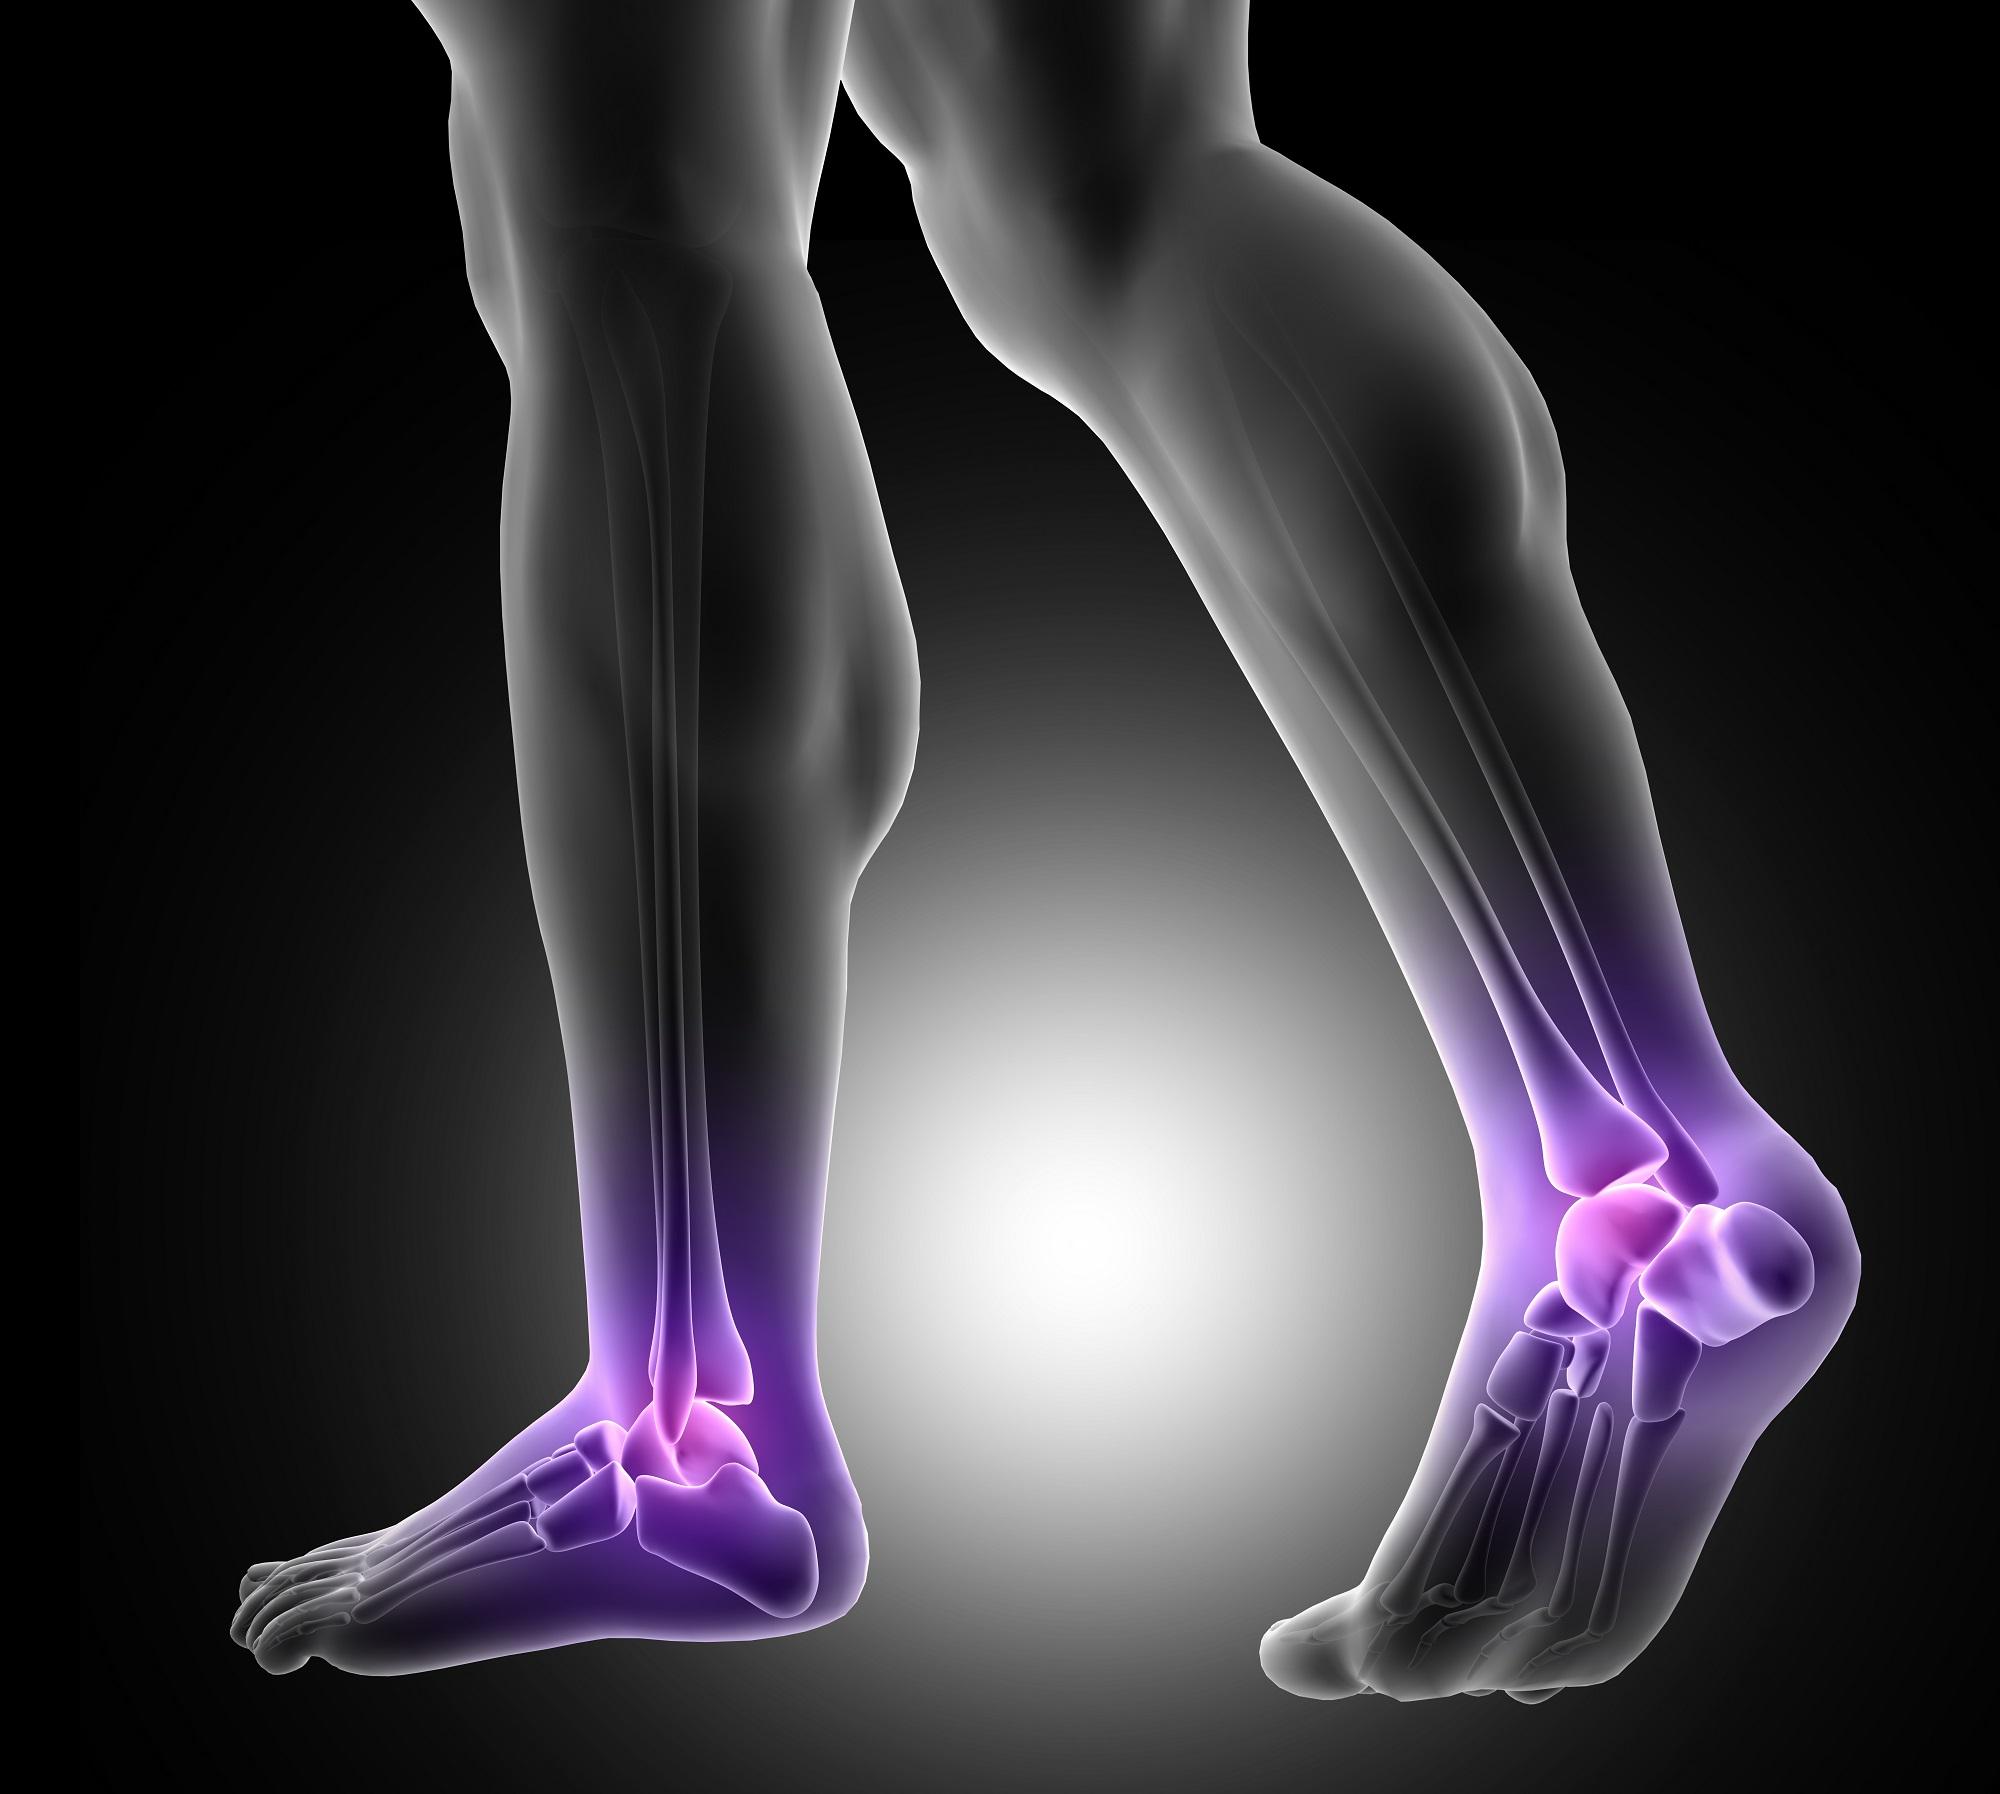 Gyakorlatok a lábízületek fájdalmához - Ízületi gyulladás áttekintés